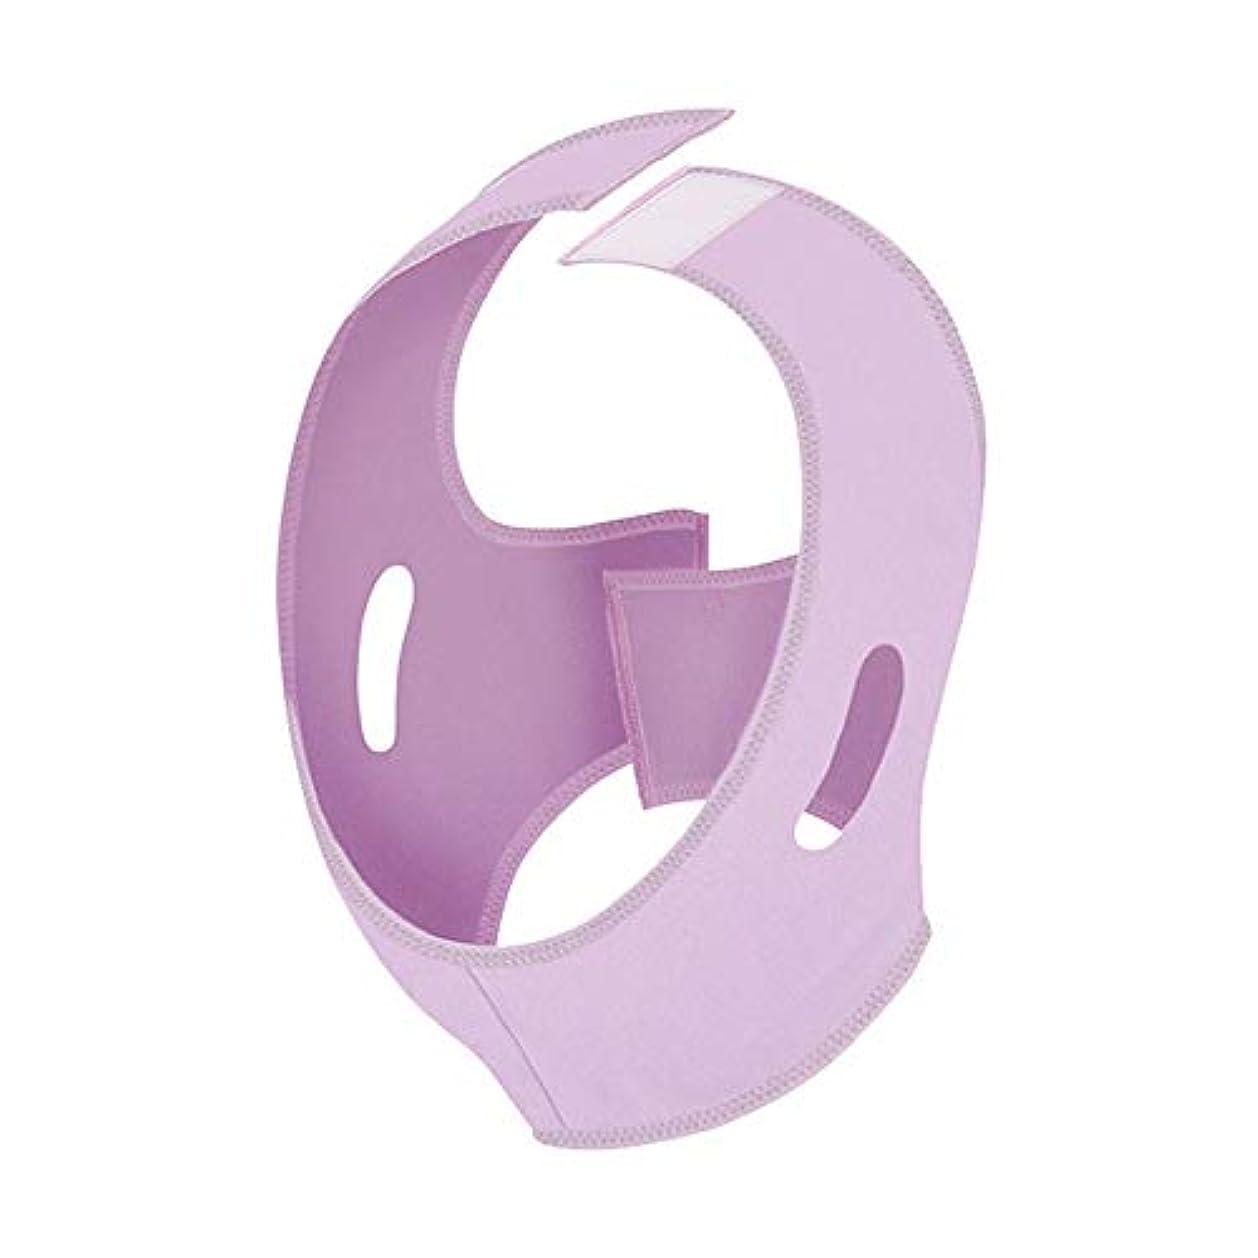 投げ捨てる番目発見ZPSM 薄くて軽い 薄い顔ベルト、眠る顔バンド弾性通気性?フェイシャルリフティングダブルチンリデューサーVフェイスマスク (Color : A)